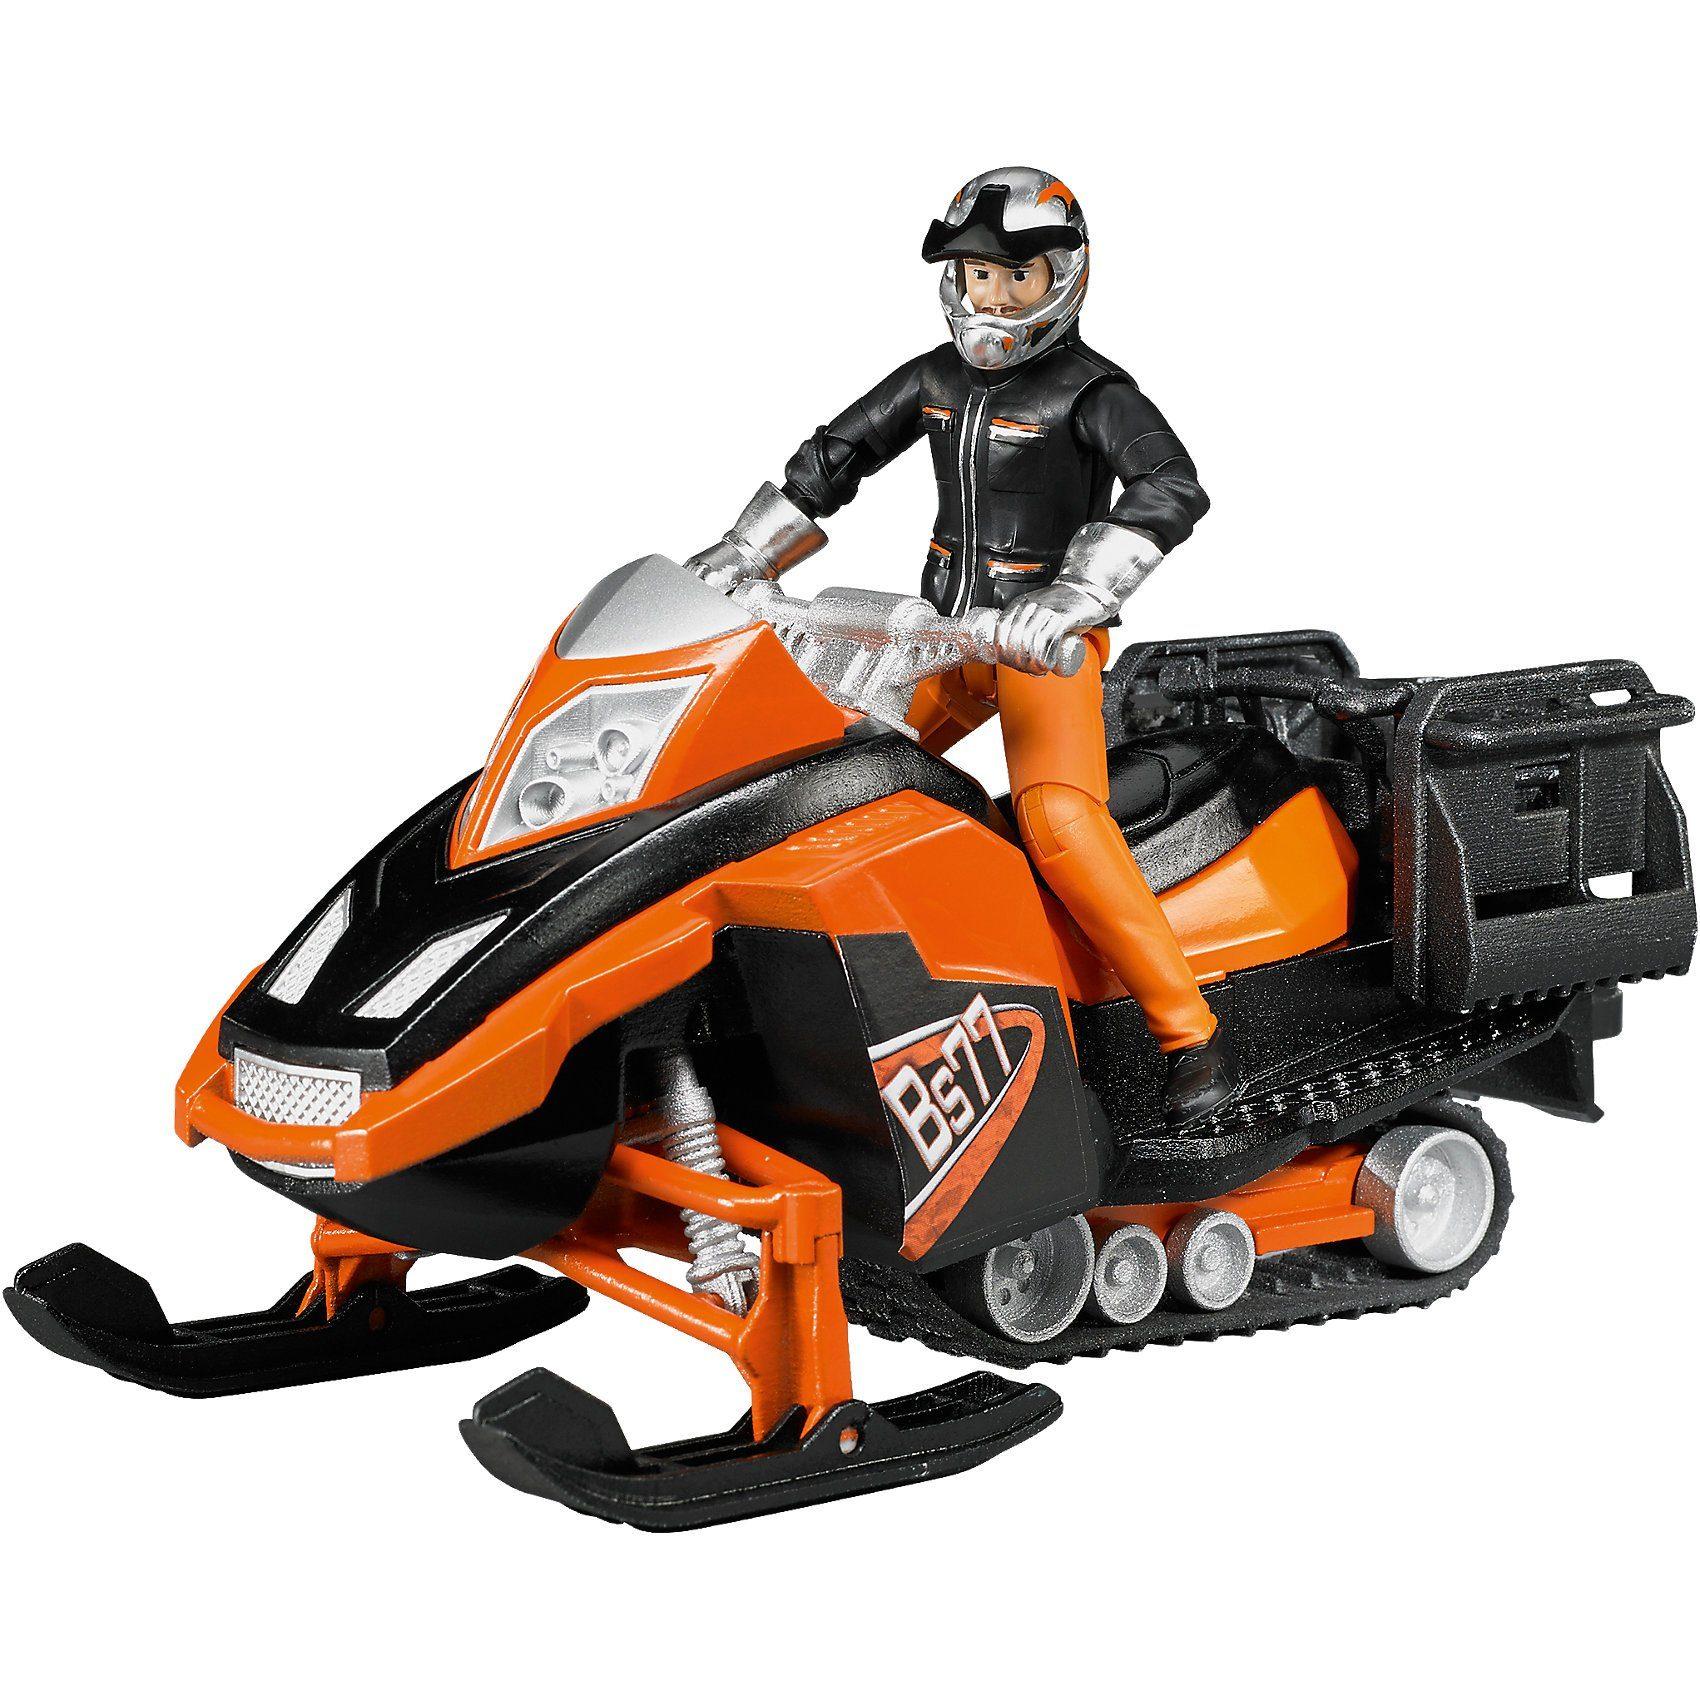 63101 bworld Snowmobil mit Fahrer und Ausstattung